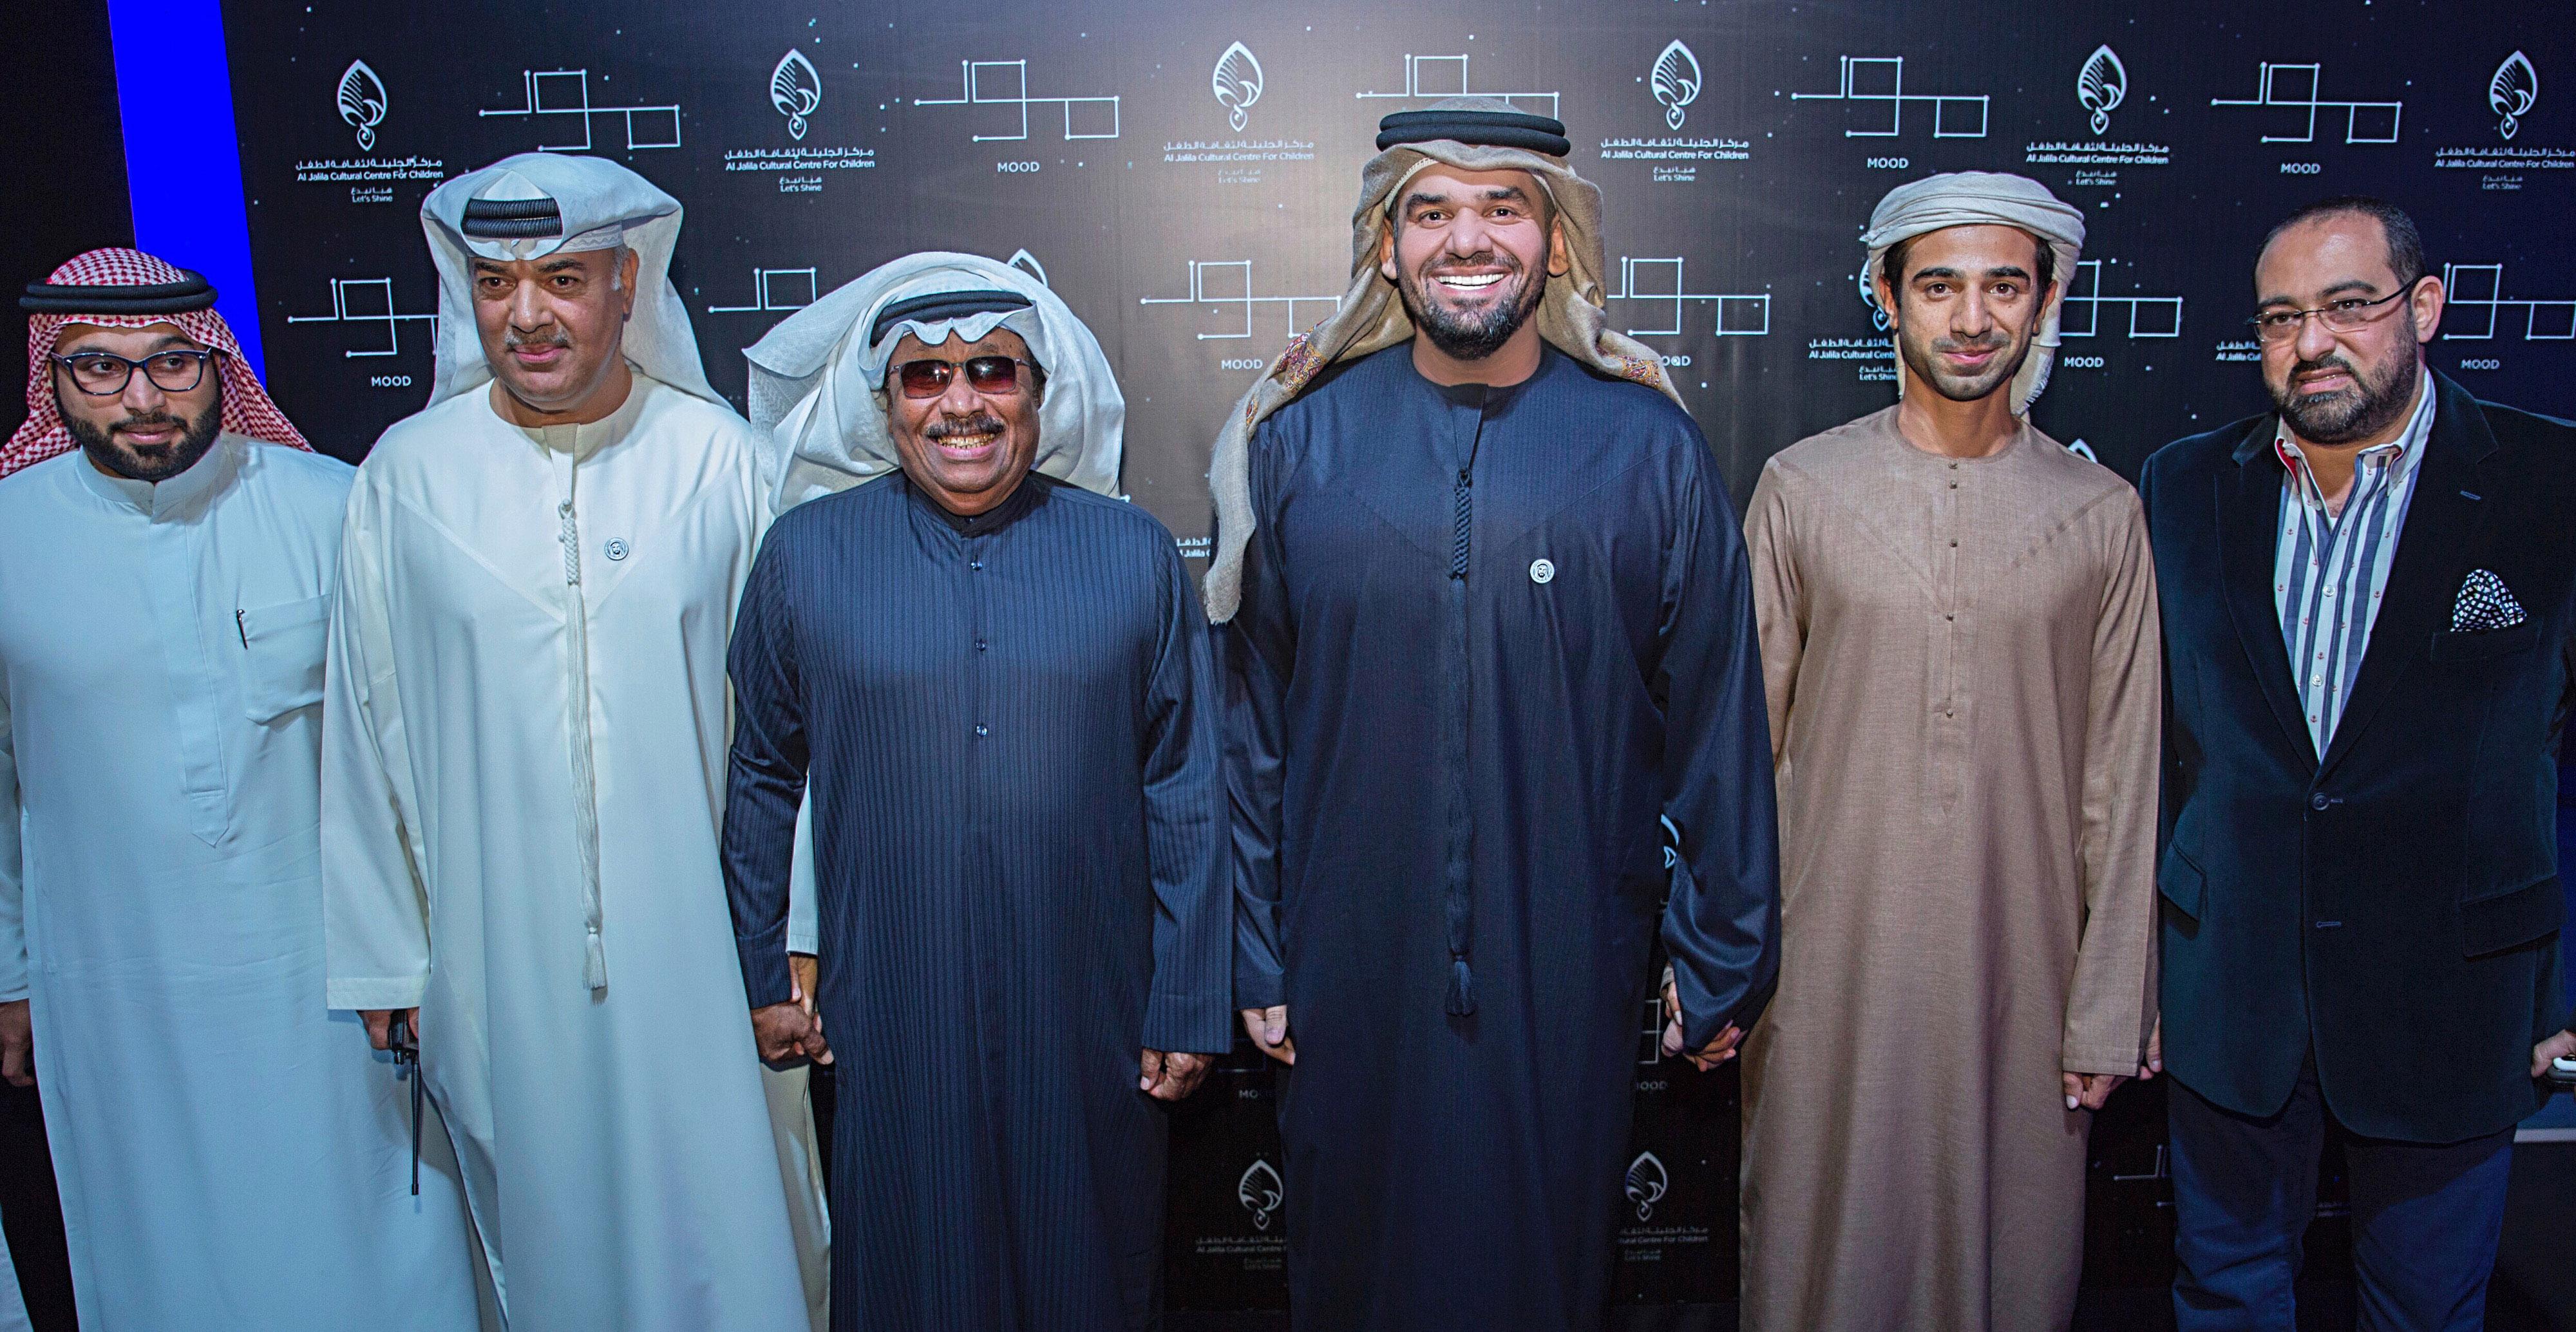 """صورة بحضور شخصيات دبلوماسية واجتماعية  حسين الجسمي يدعم ويساند مواهب أطفال """"الجليلة لثقافة الطفل"""" في دبي"""